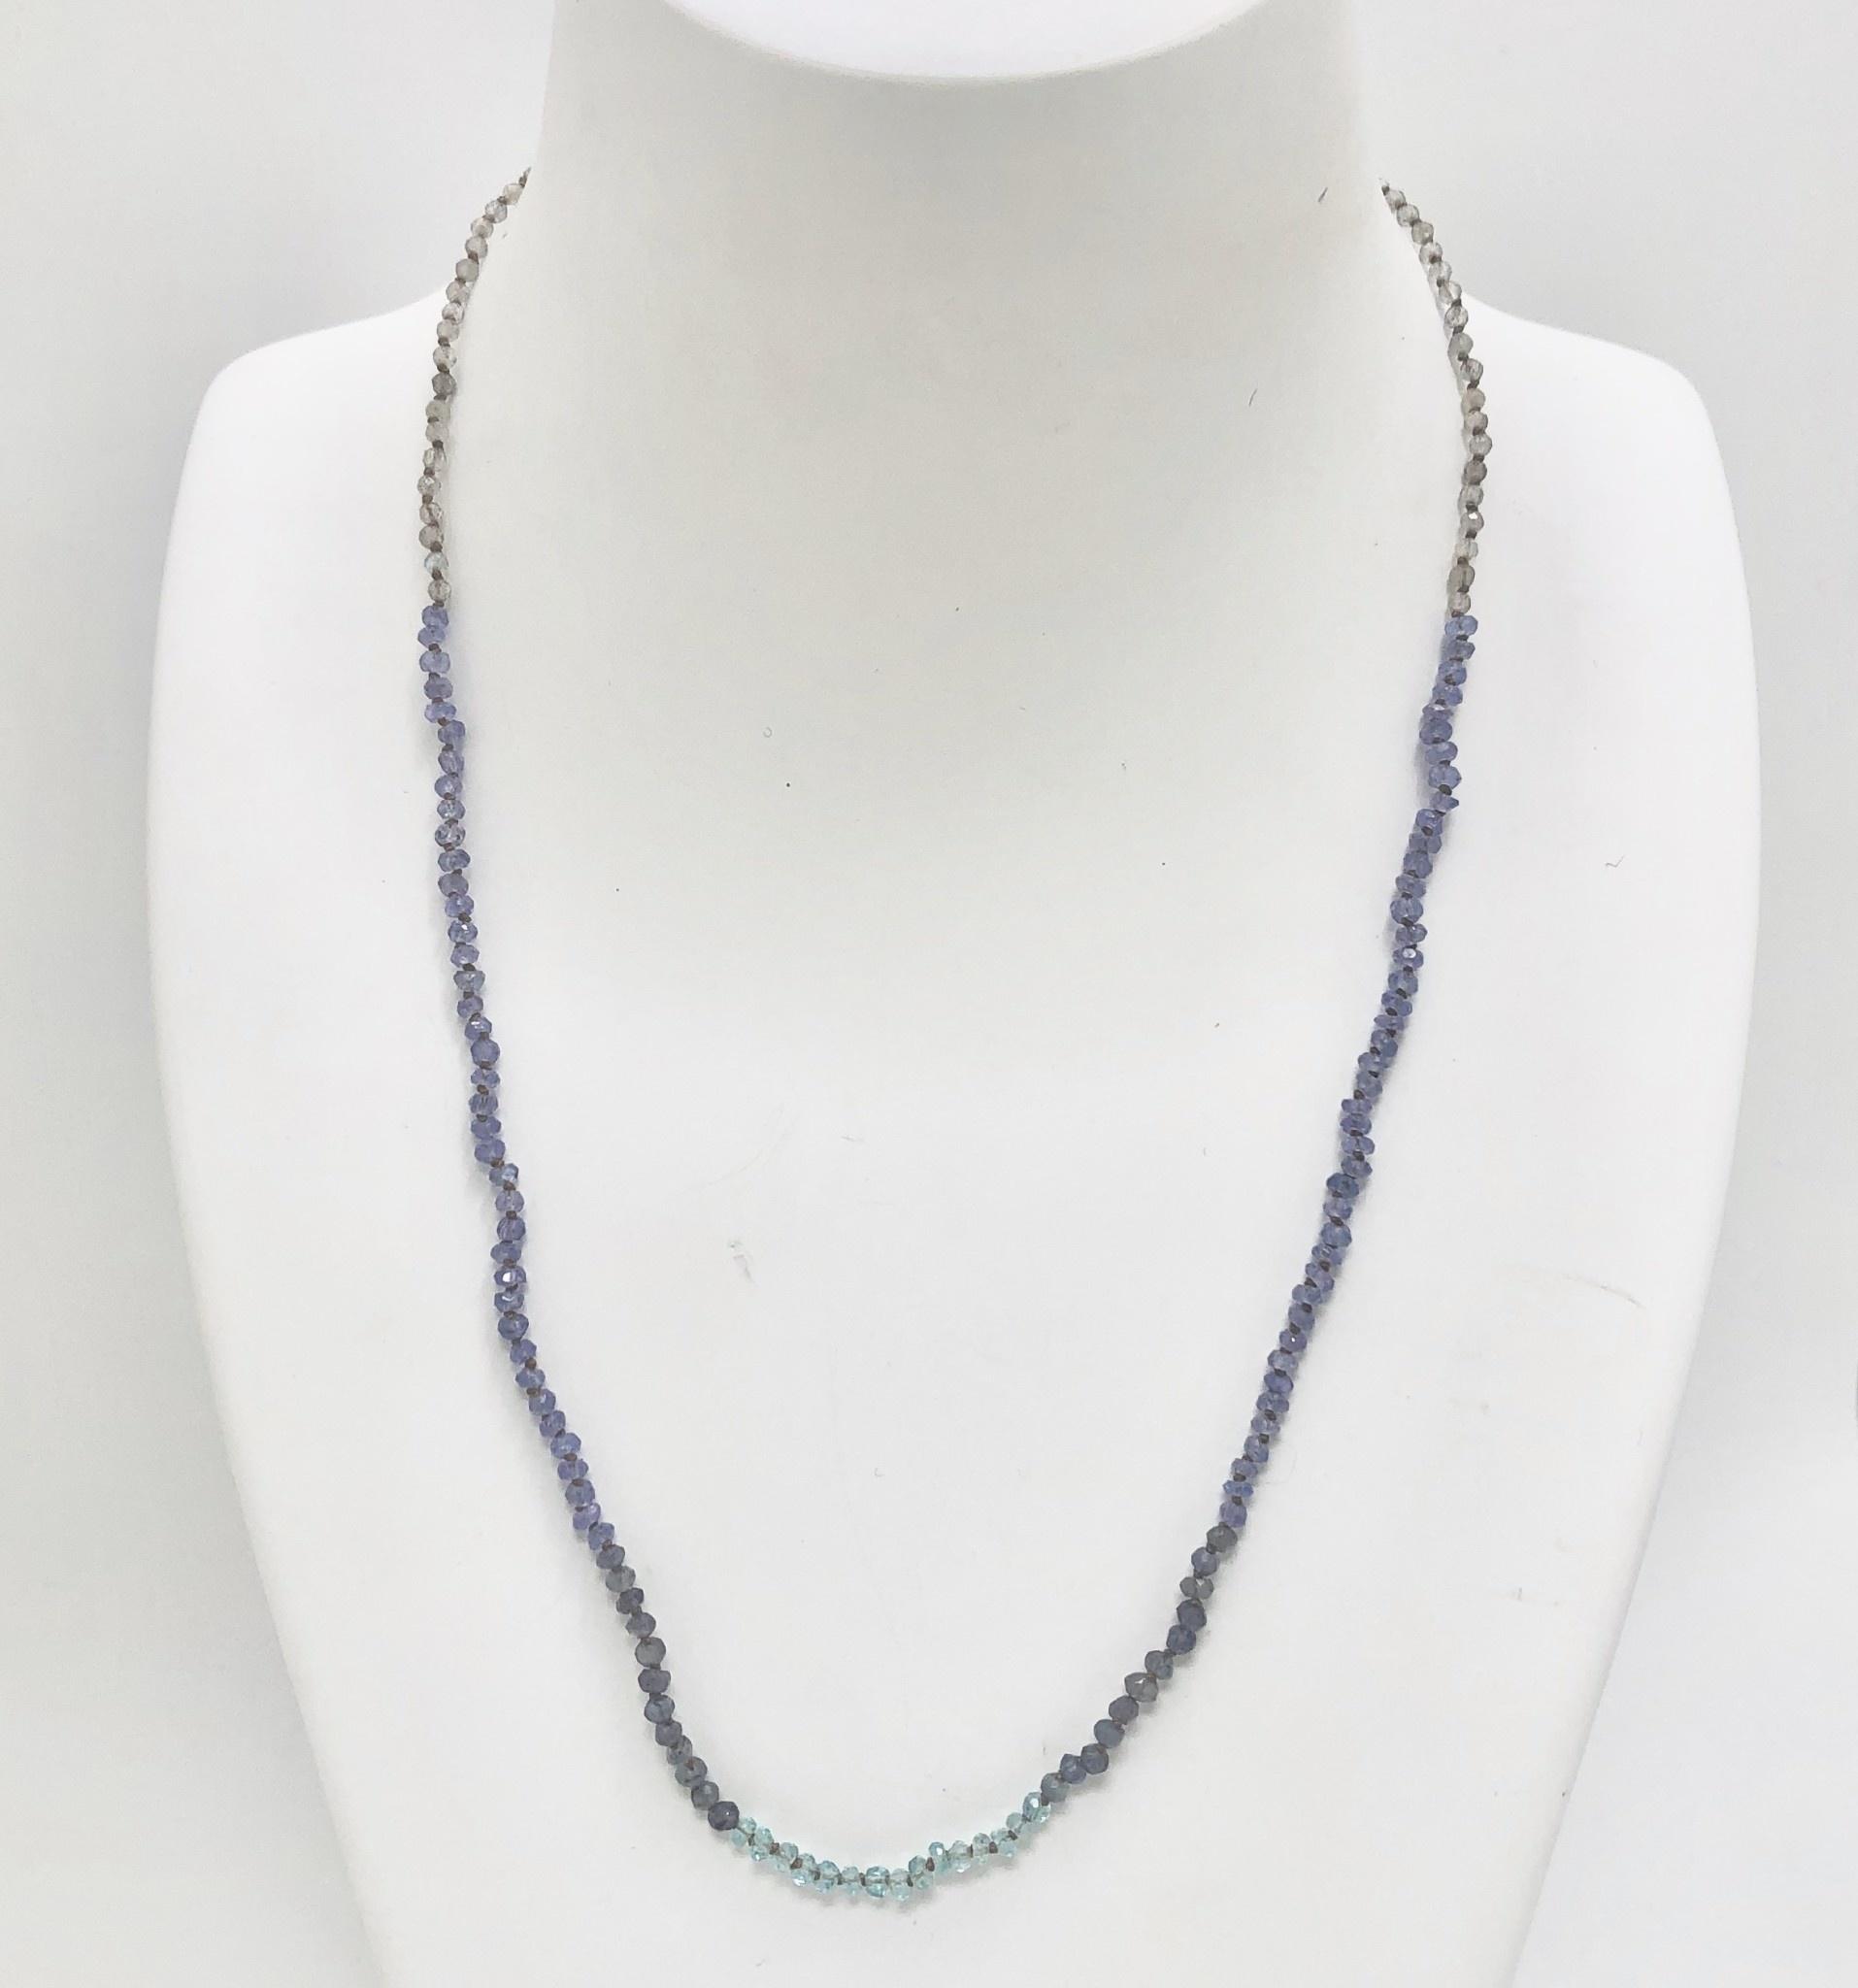 Micro-Labradorite, Tanzanite, Lolite and Apatite Necklace